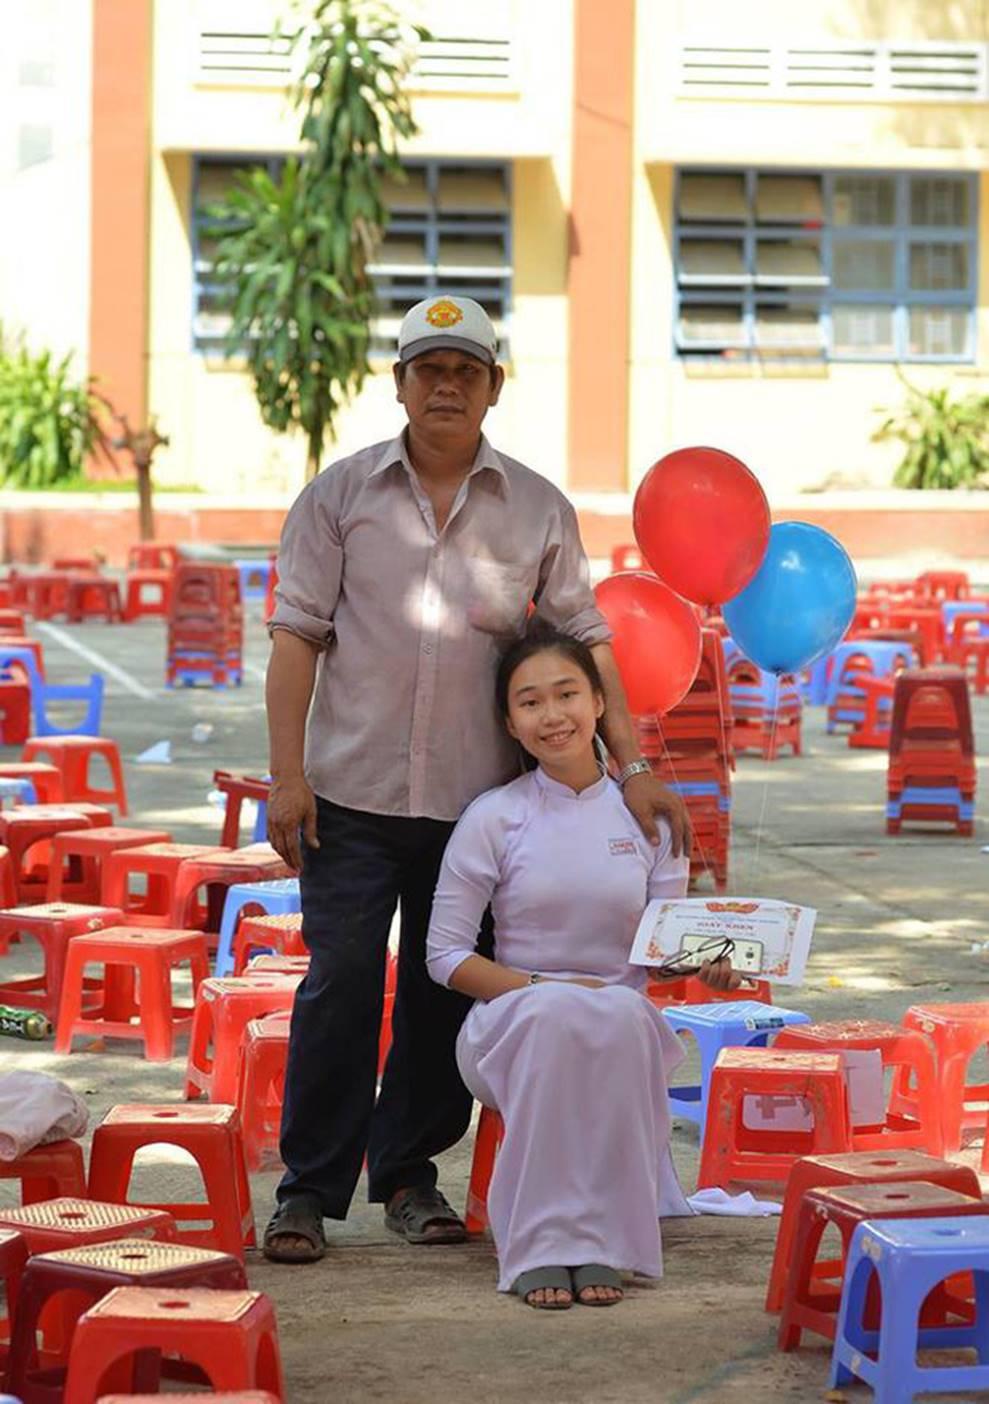 Chuyện về người cha nghèo 10 năm trời lặng lẽ cầm bóng bay đến xem con gái nhận thưởng trong ngày bế giảng-10